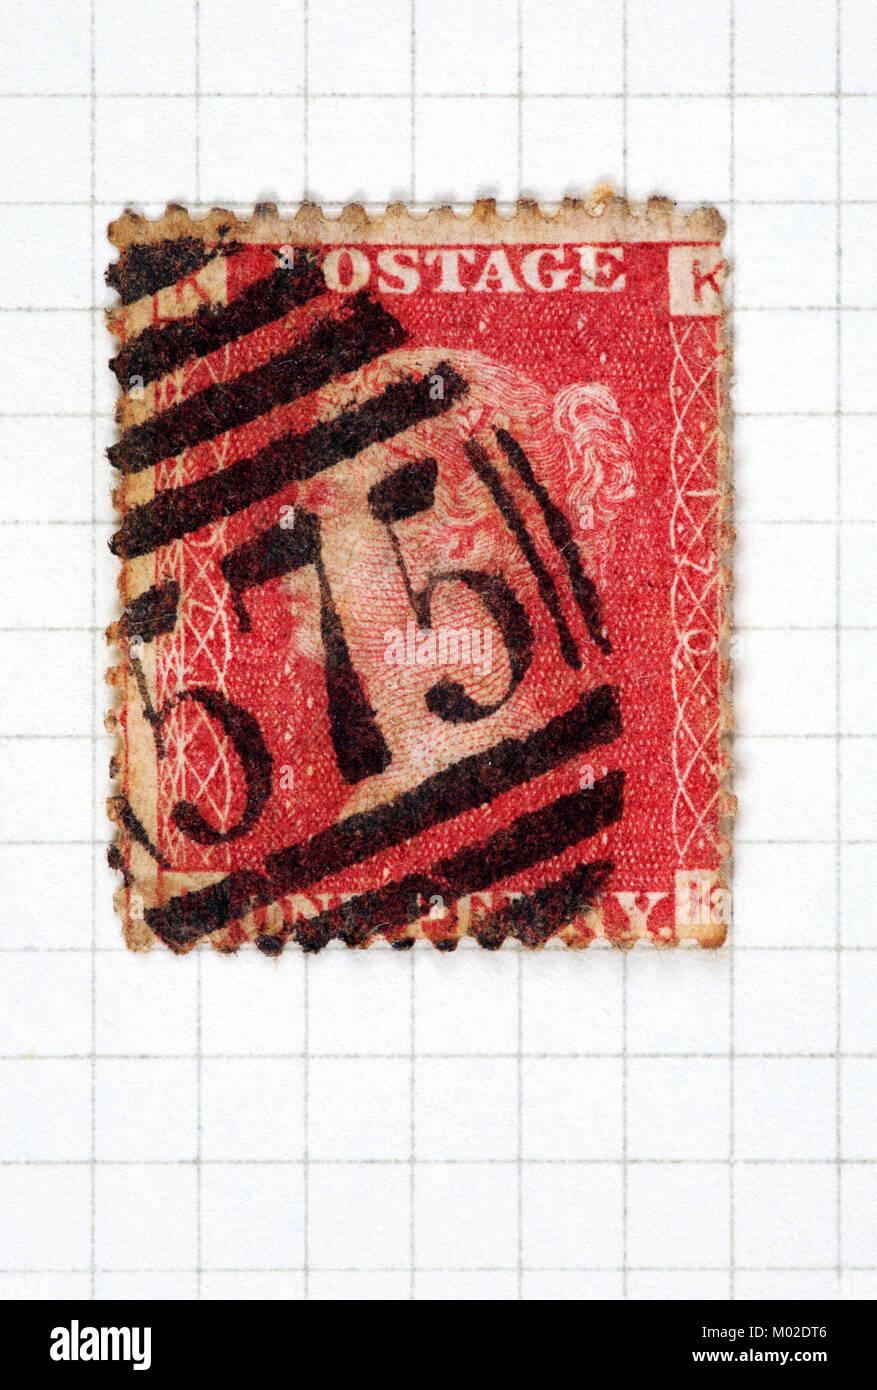 Eine Königin Victoria ein Penny rot Stempel der Platte 170 und 1858-70. Stockbild